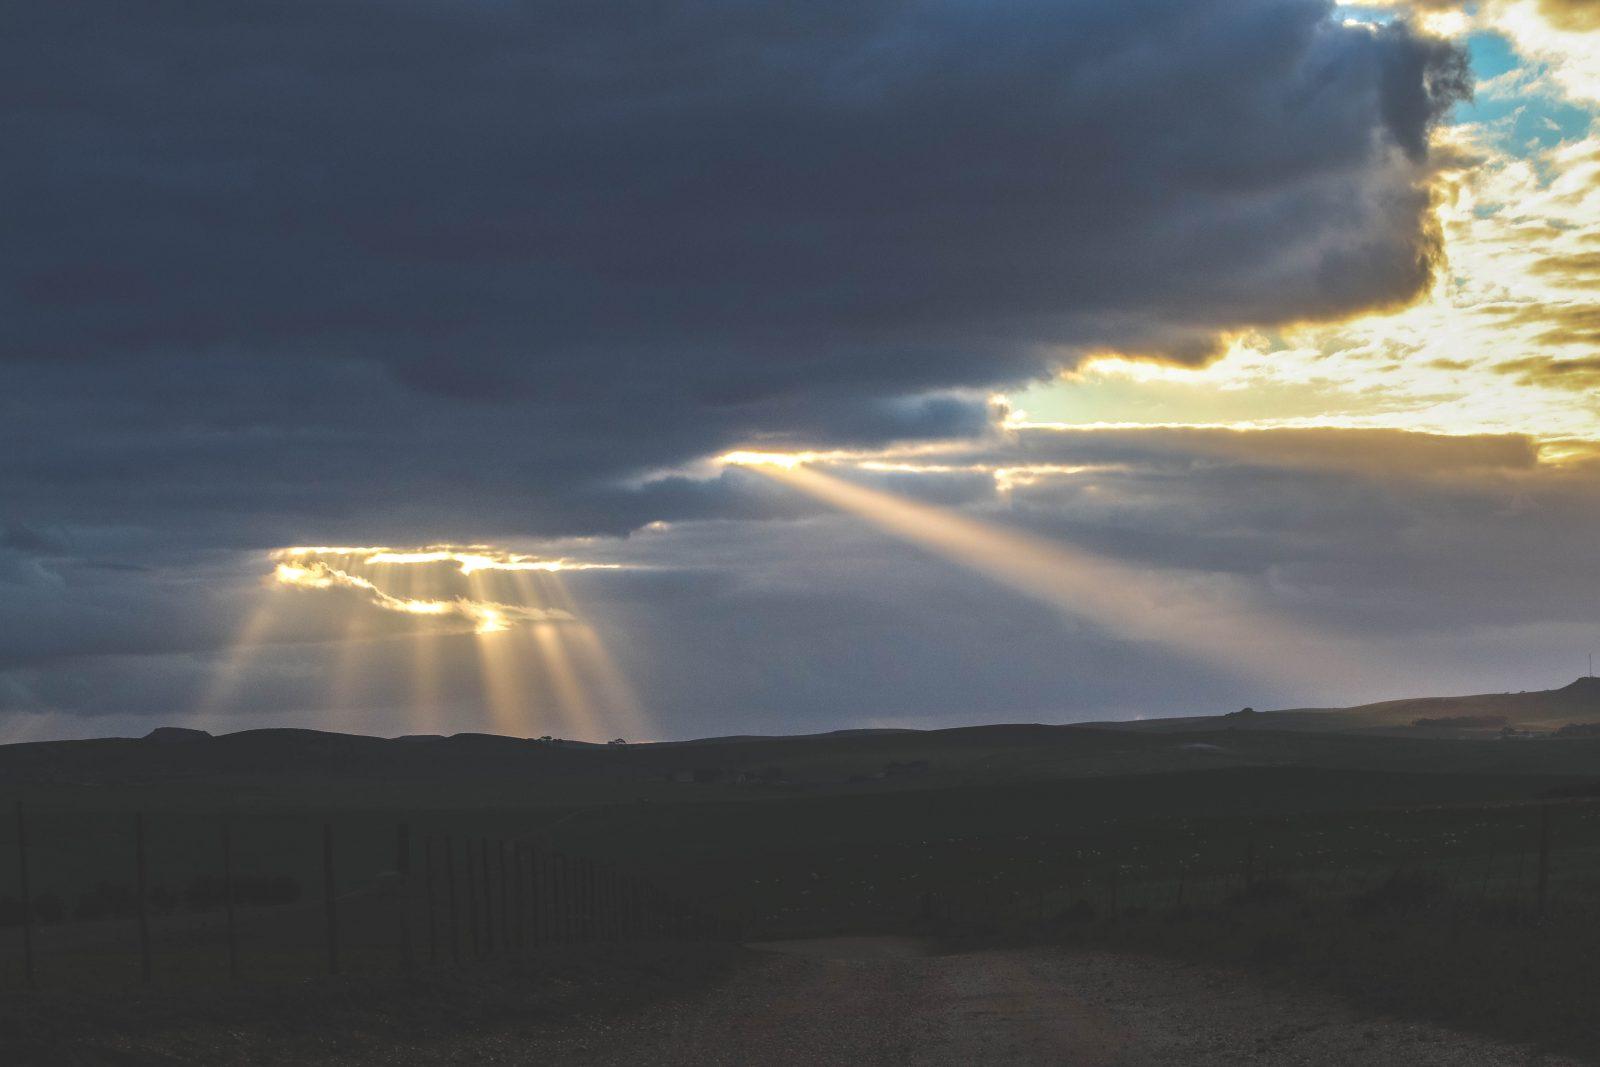 Swellendam Sunset Zuid-Afrika